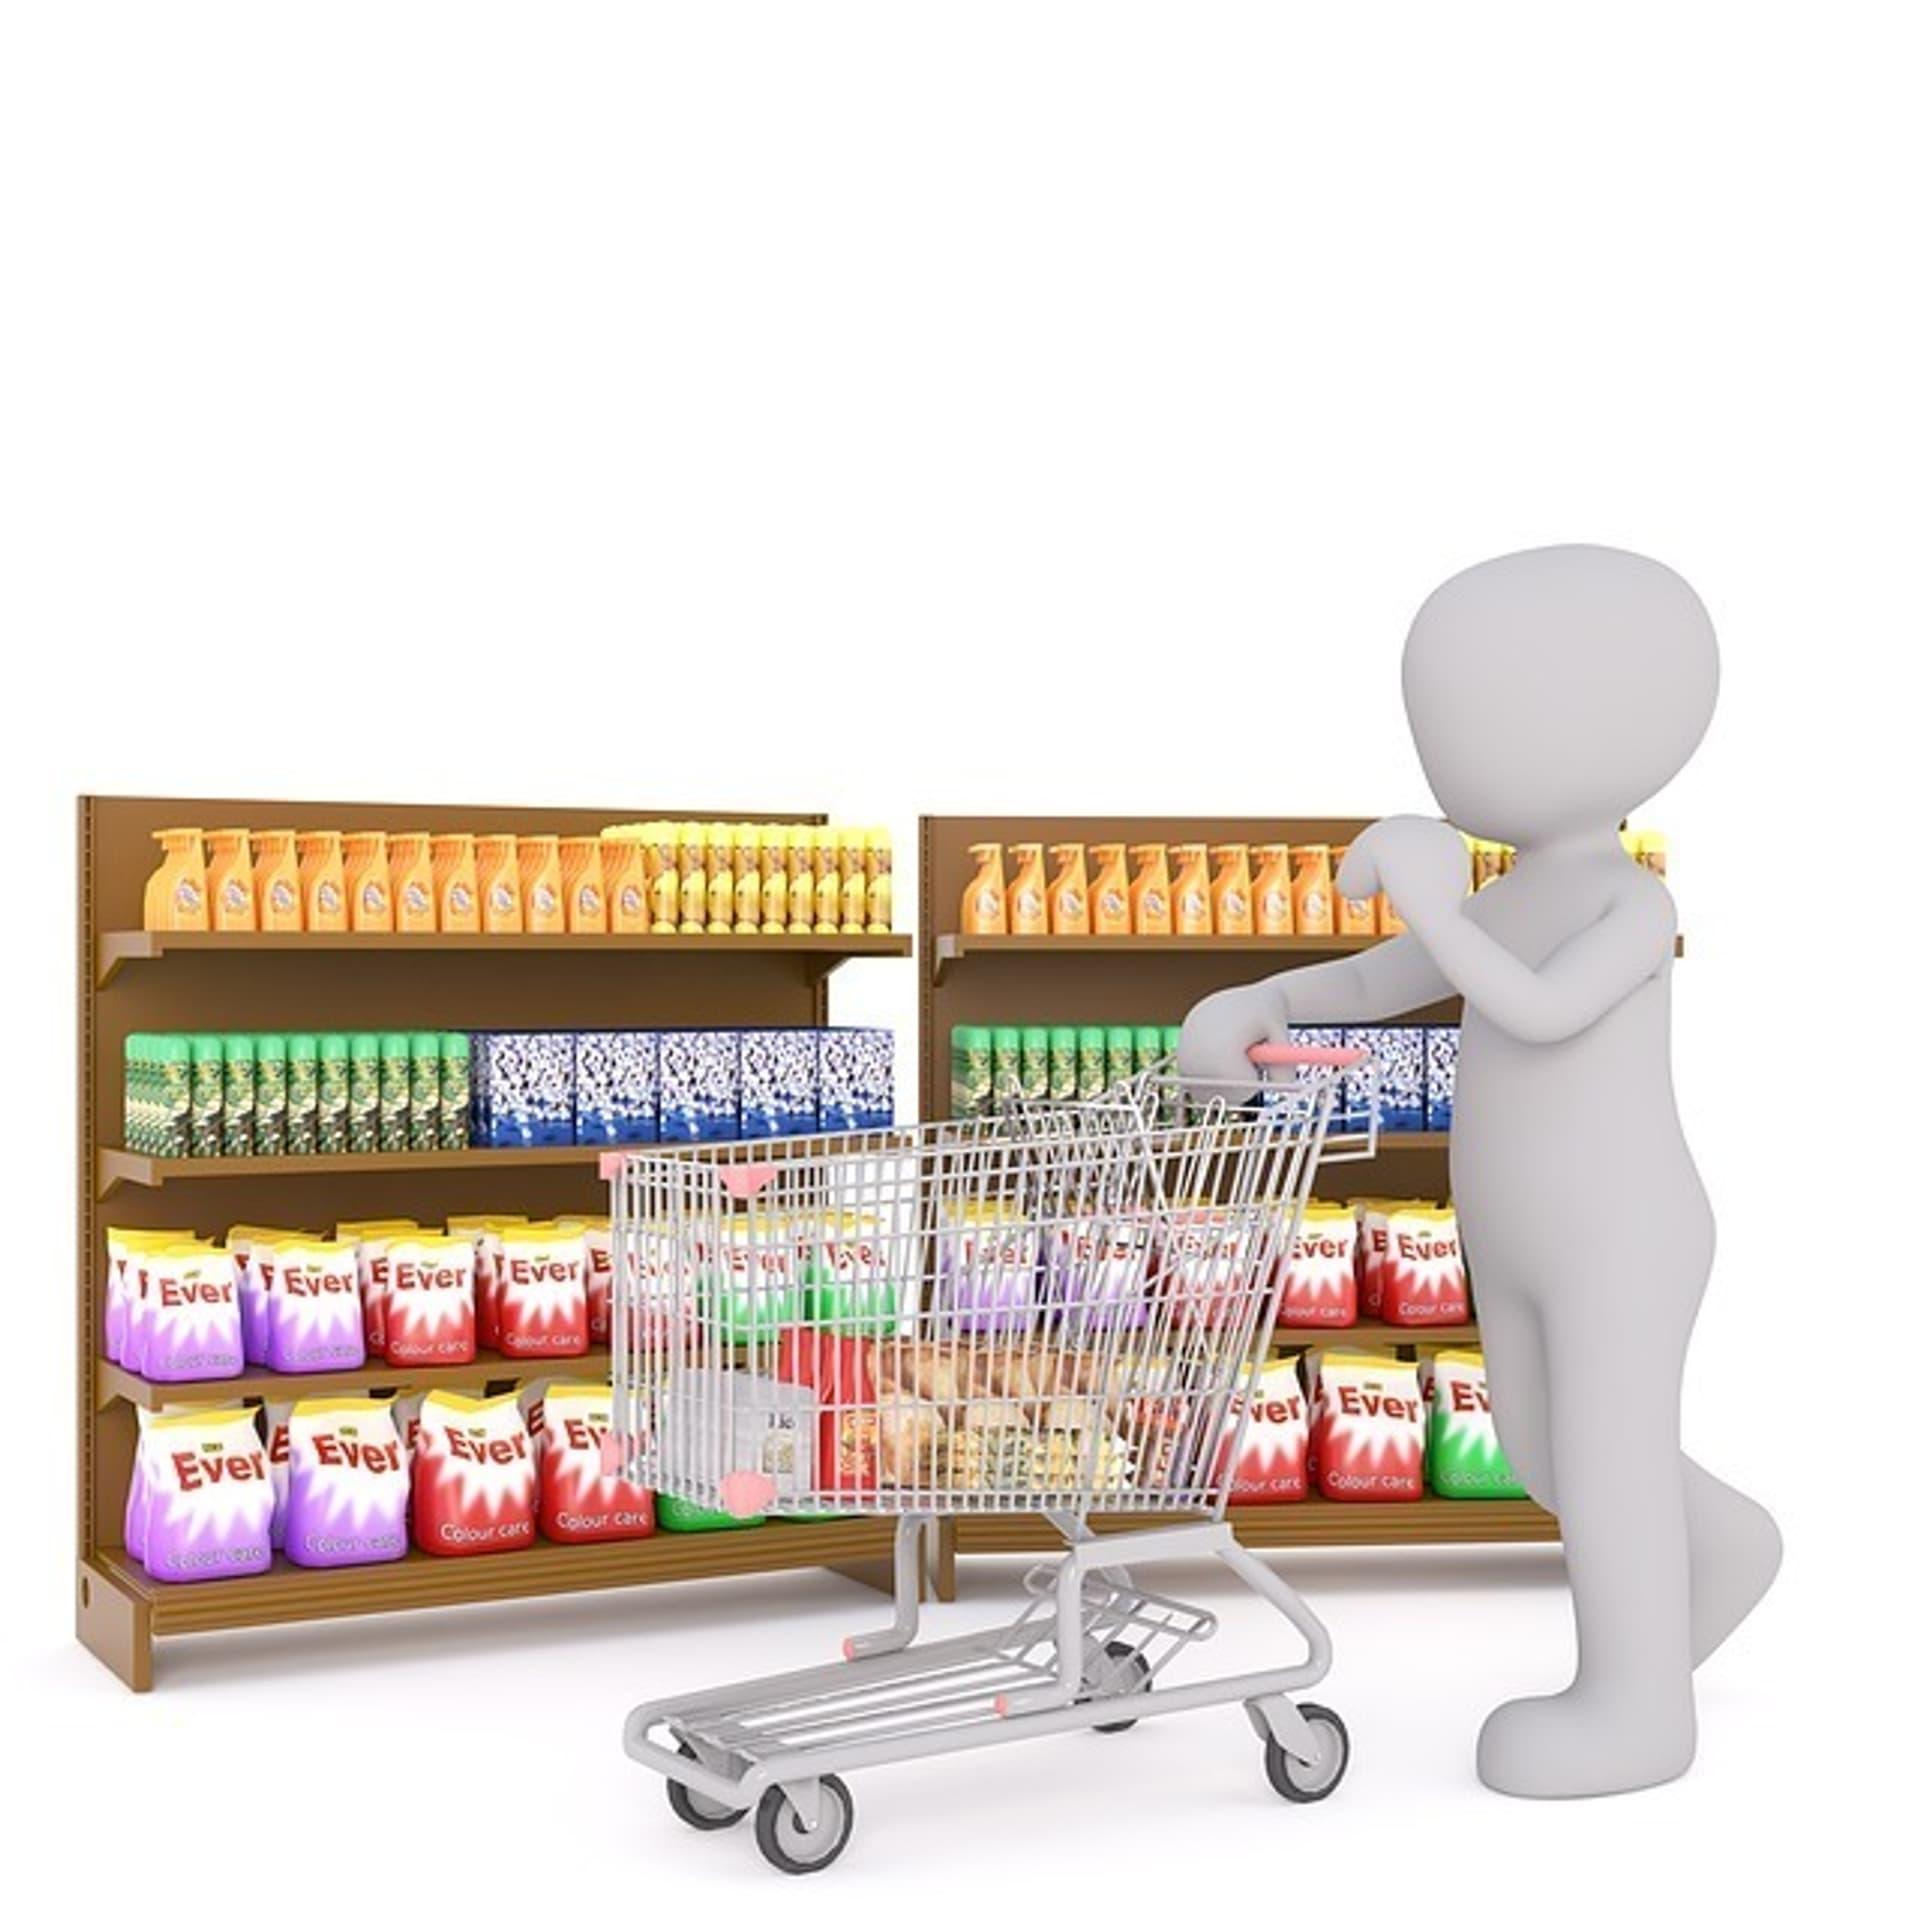 Einkaufen Supermarkt c Pixabay 3dman eu